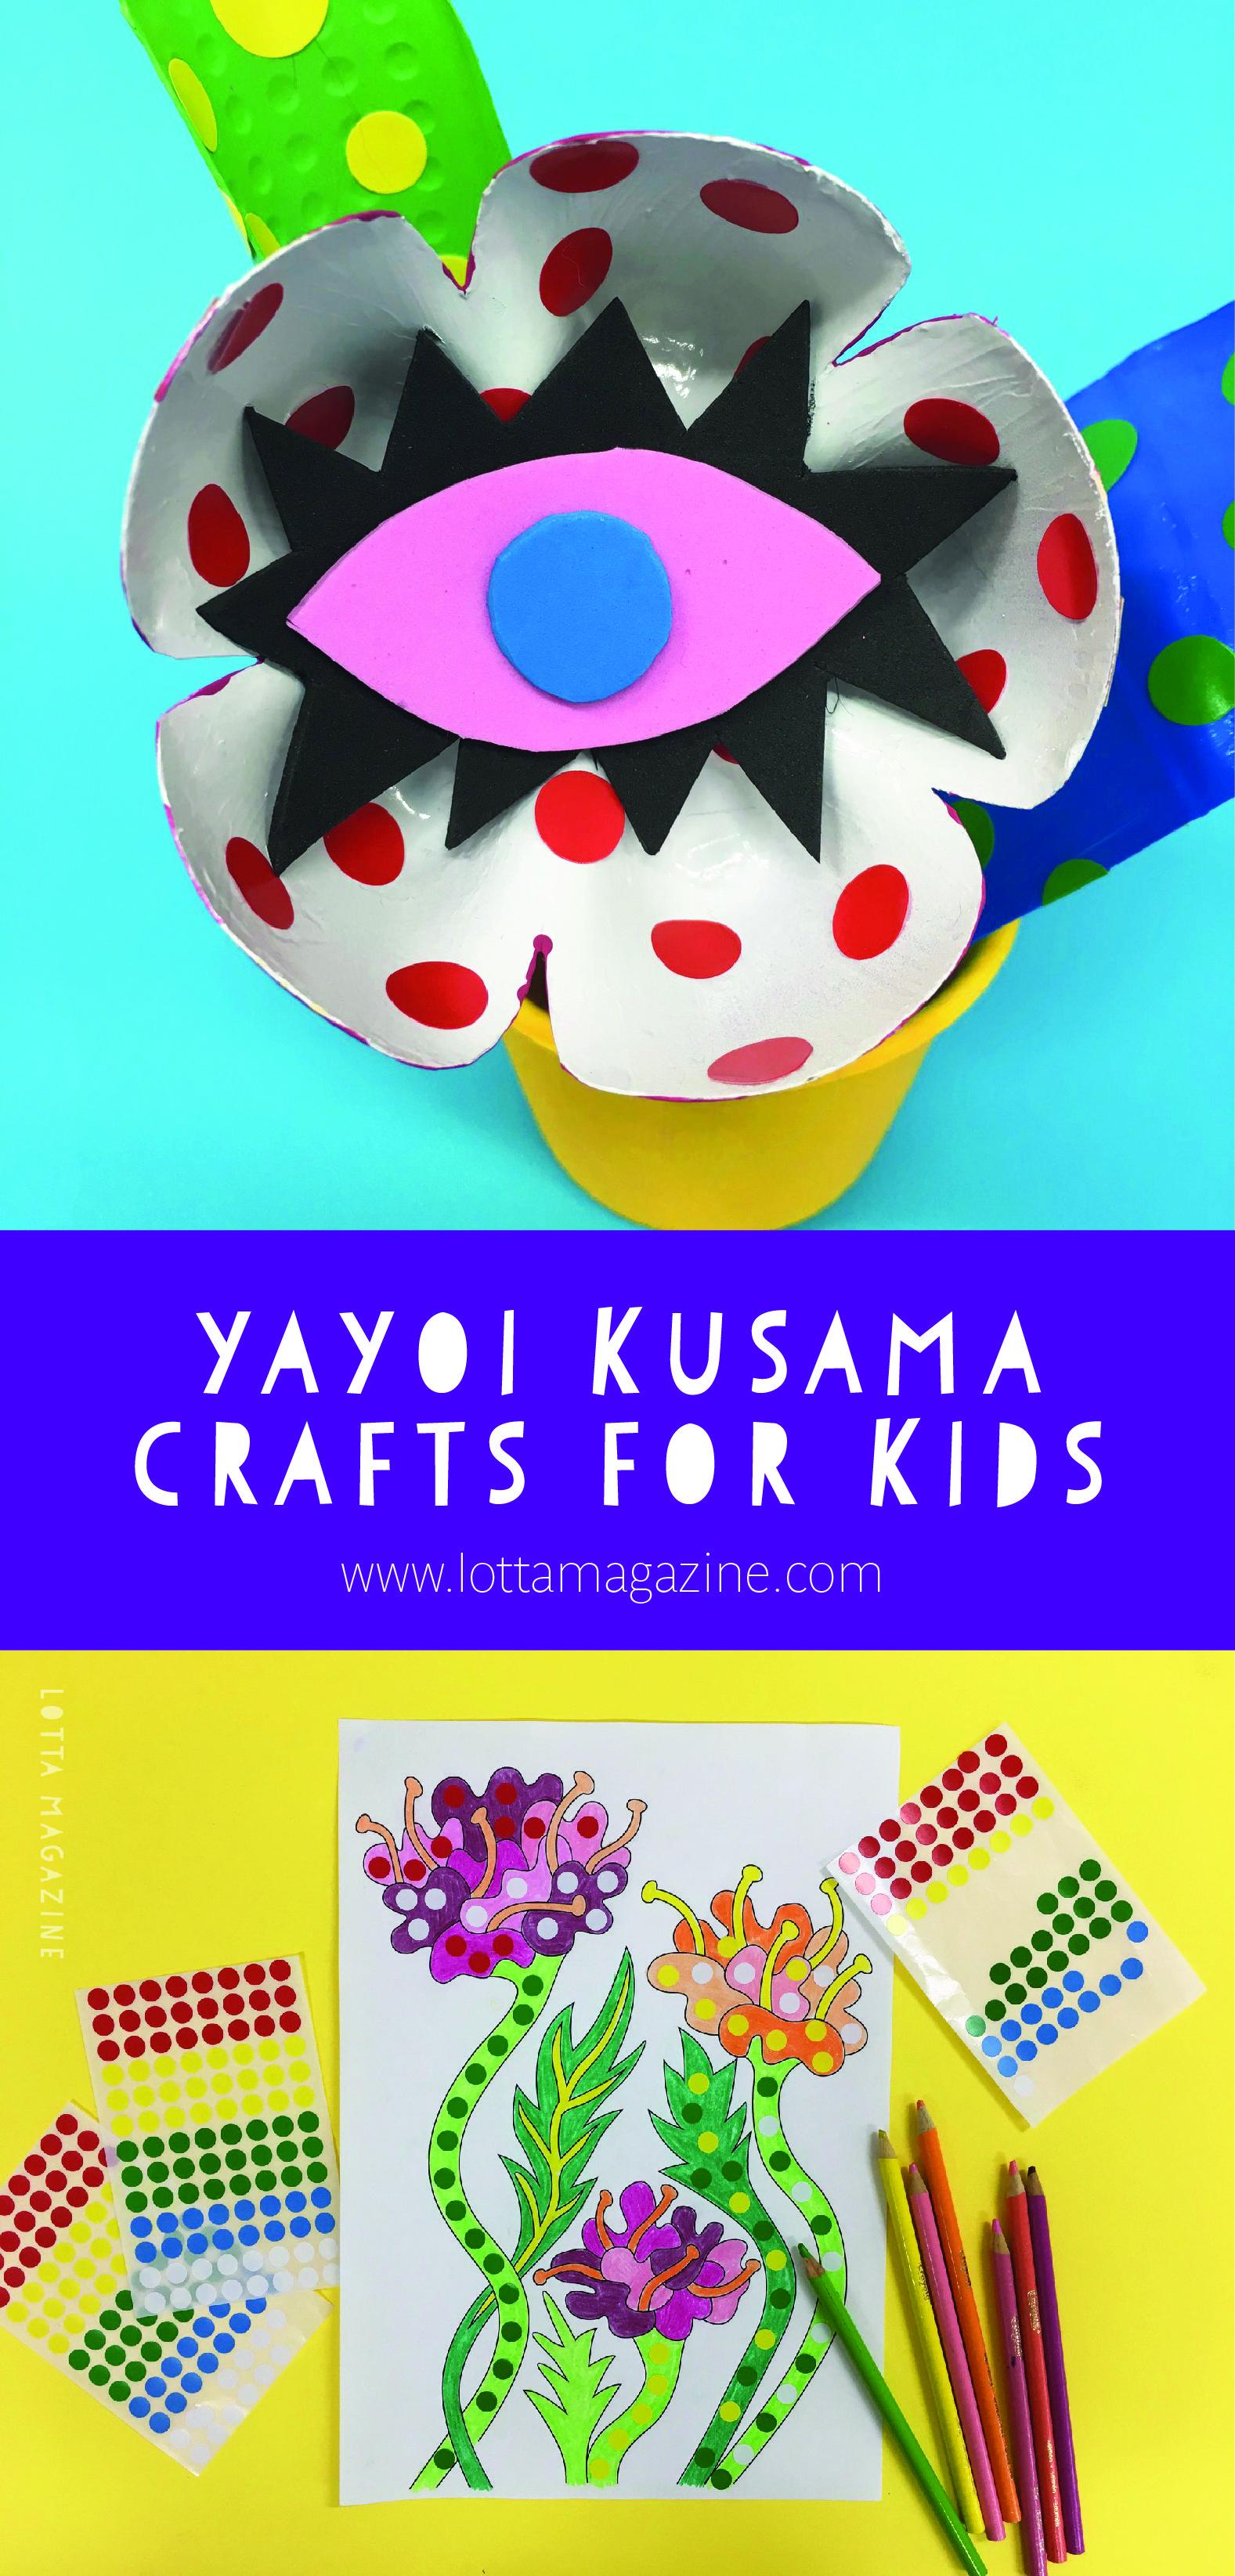 Photo of Yayoi Kusama crafts for kids